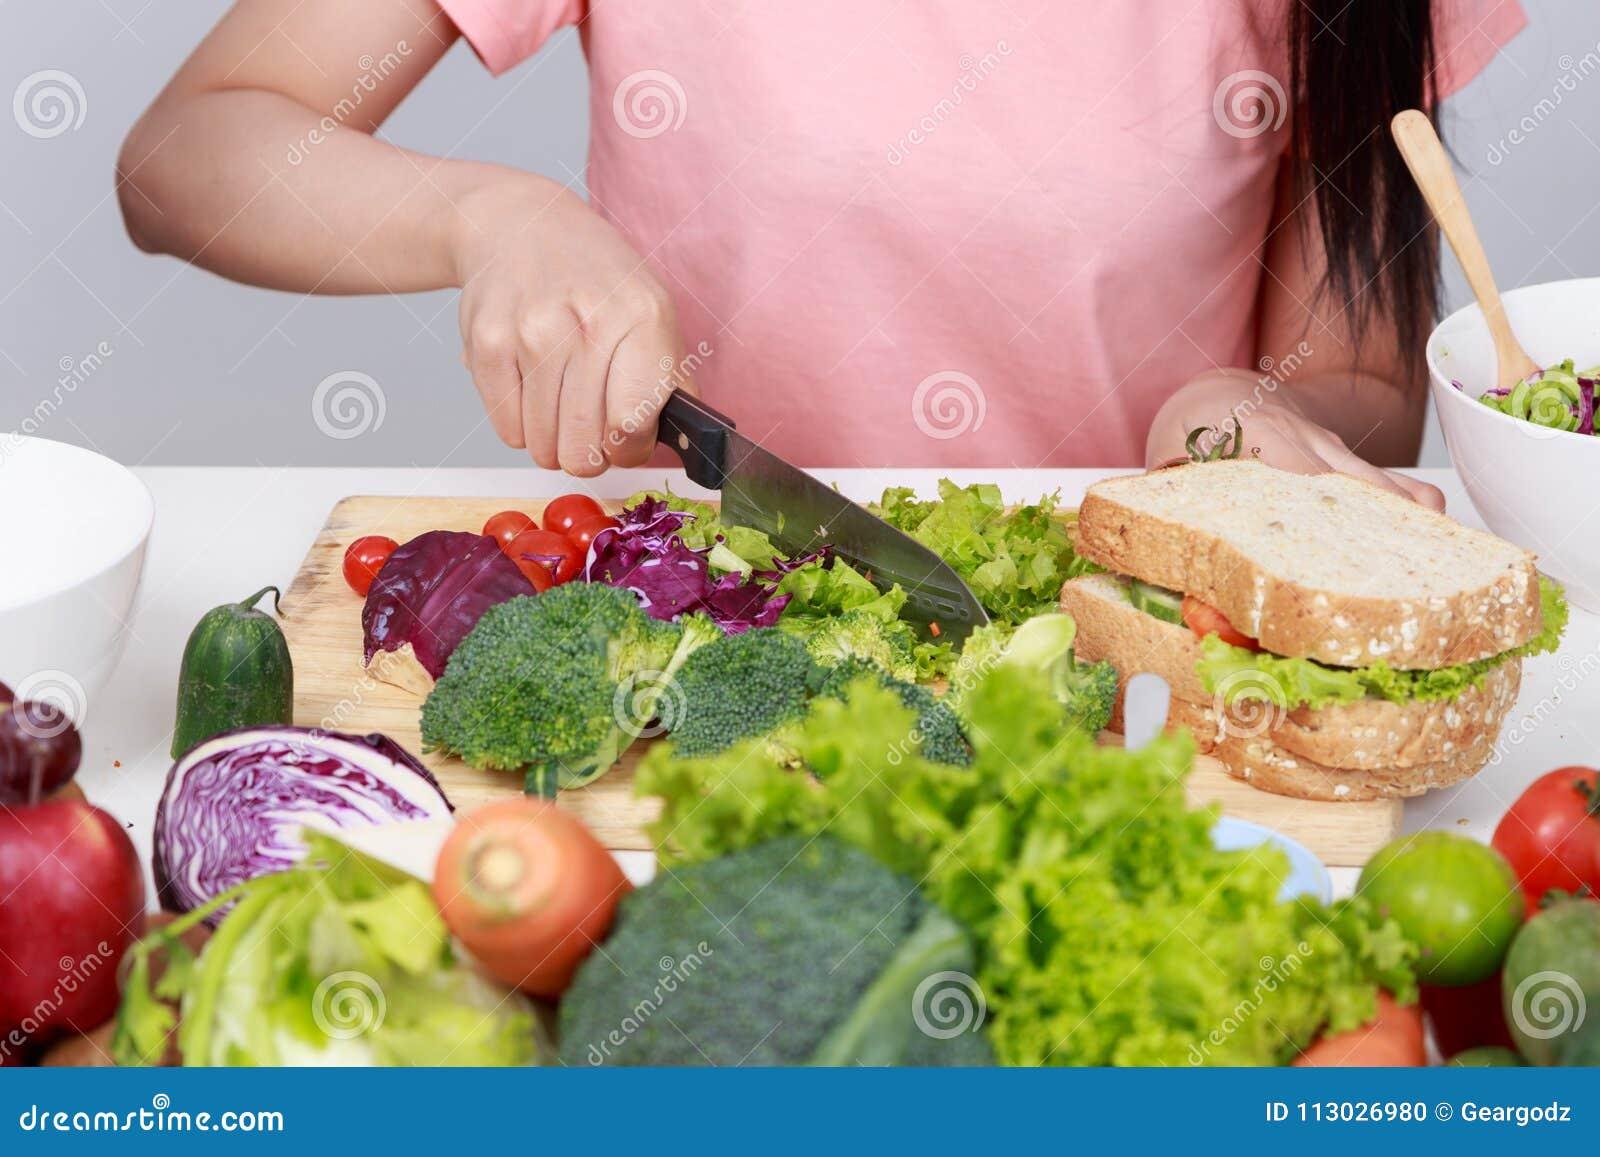 Mano usando el cuchillo a cortar el bróculi en sitio de la cocina